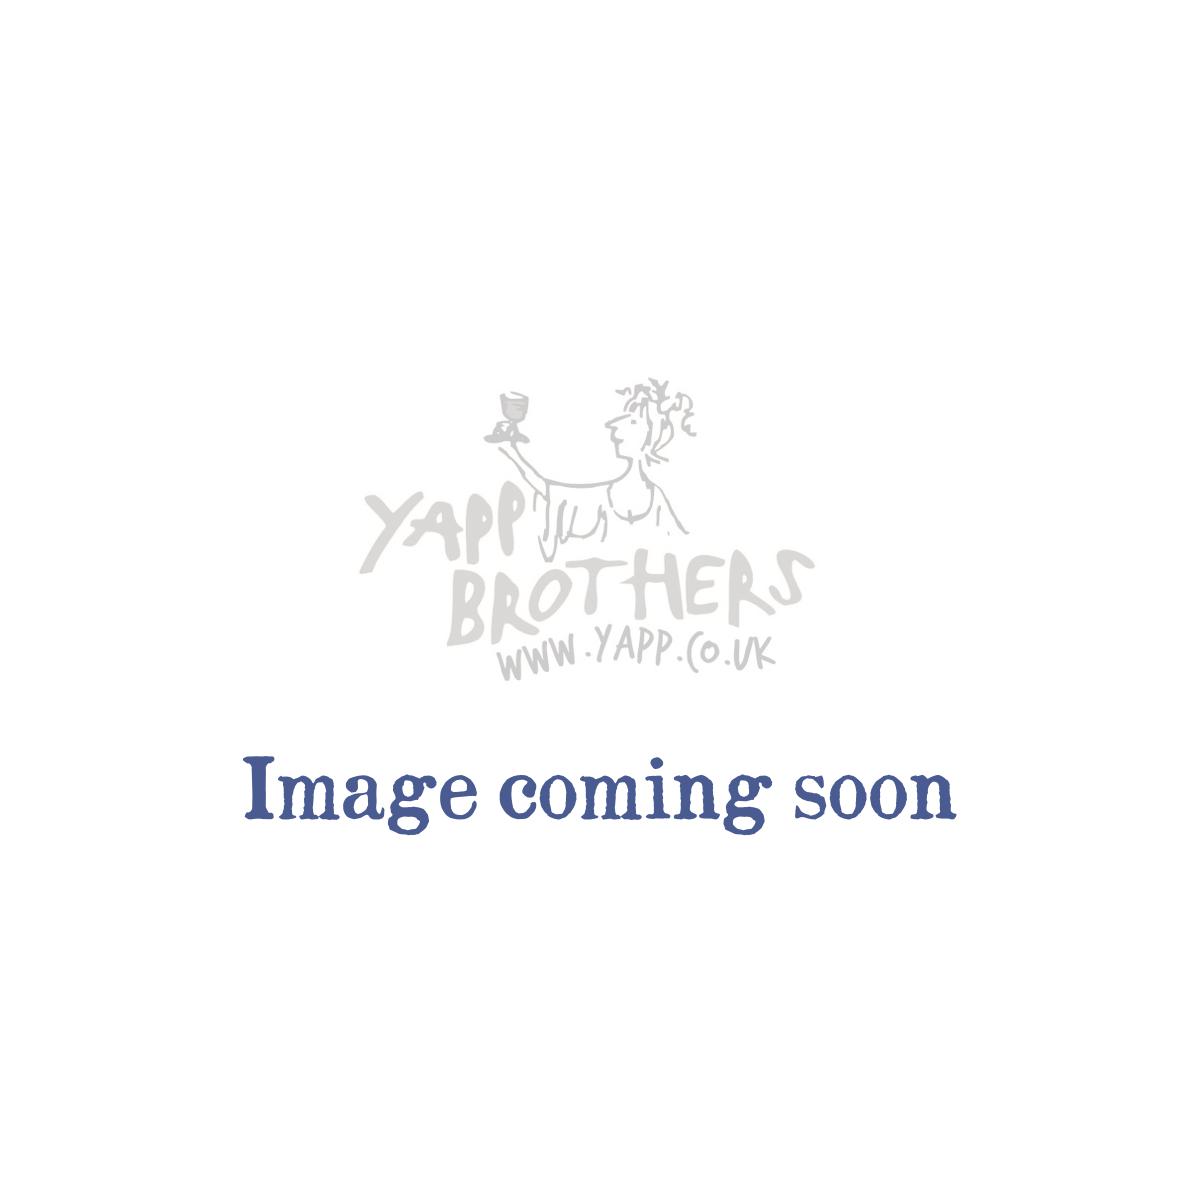 Lirac: Domaine Maby 'La Fermade' Rouge 2019 - Bottle Rear Label